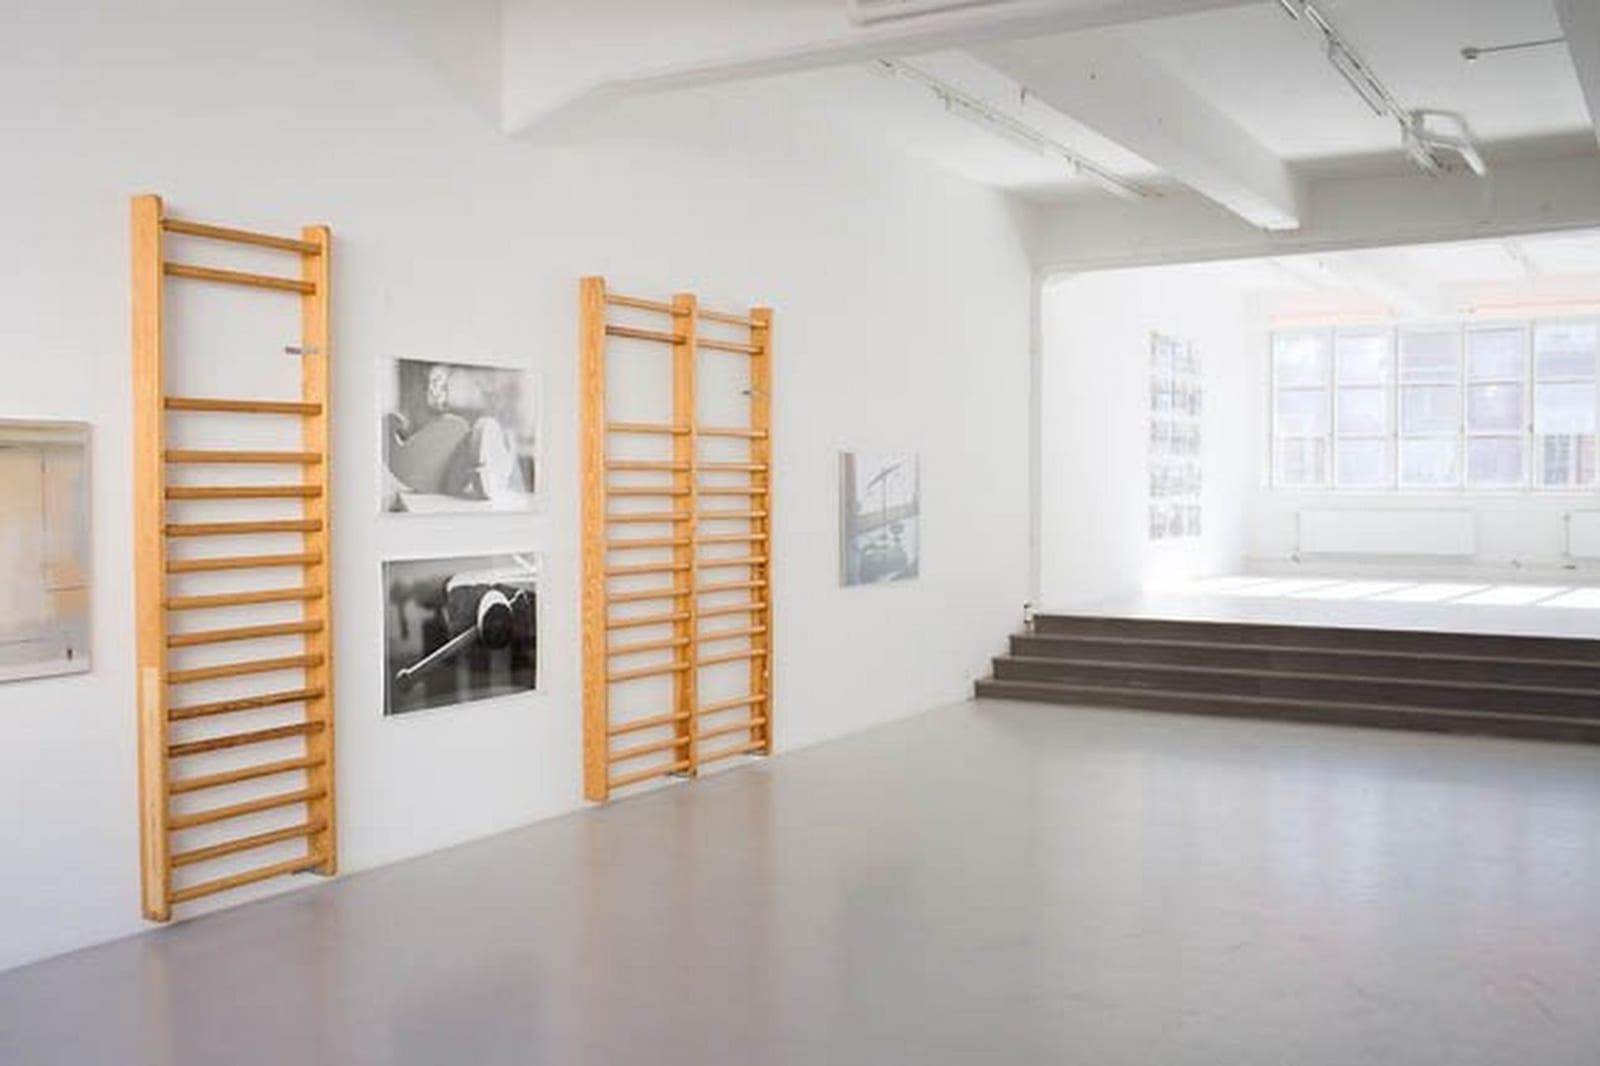 Annika von Hausswolff Installation view, Andréhn-Schiptjenko, Stockholm, Sweden, 2011